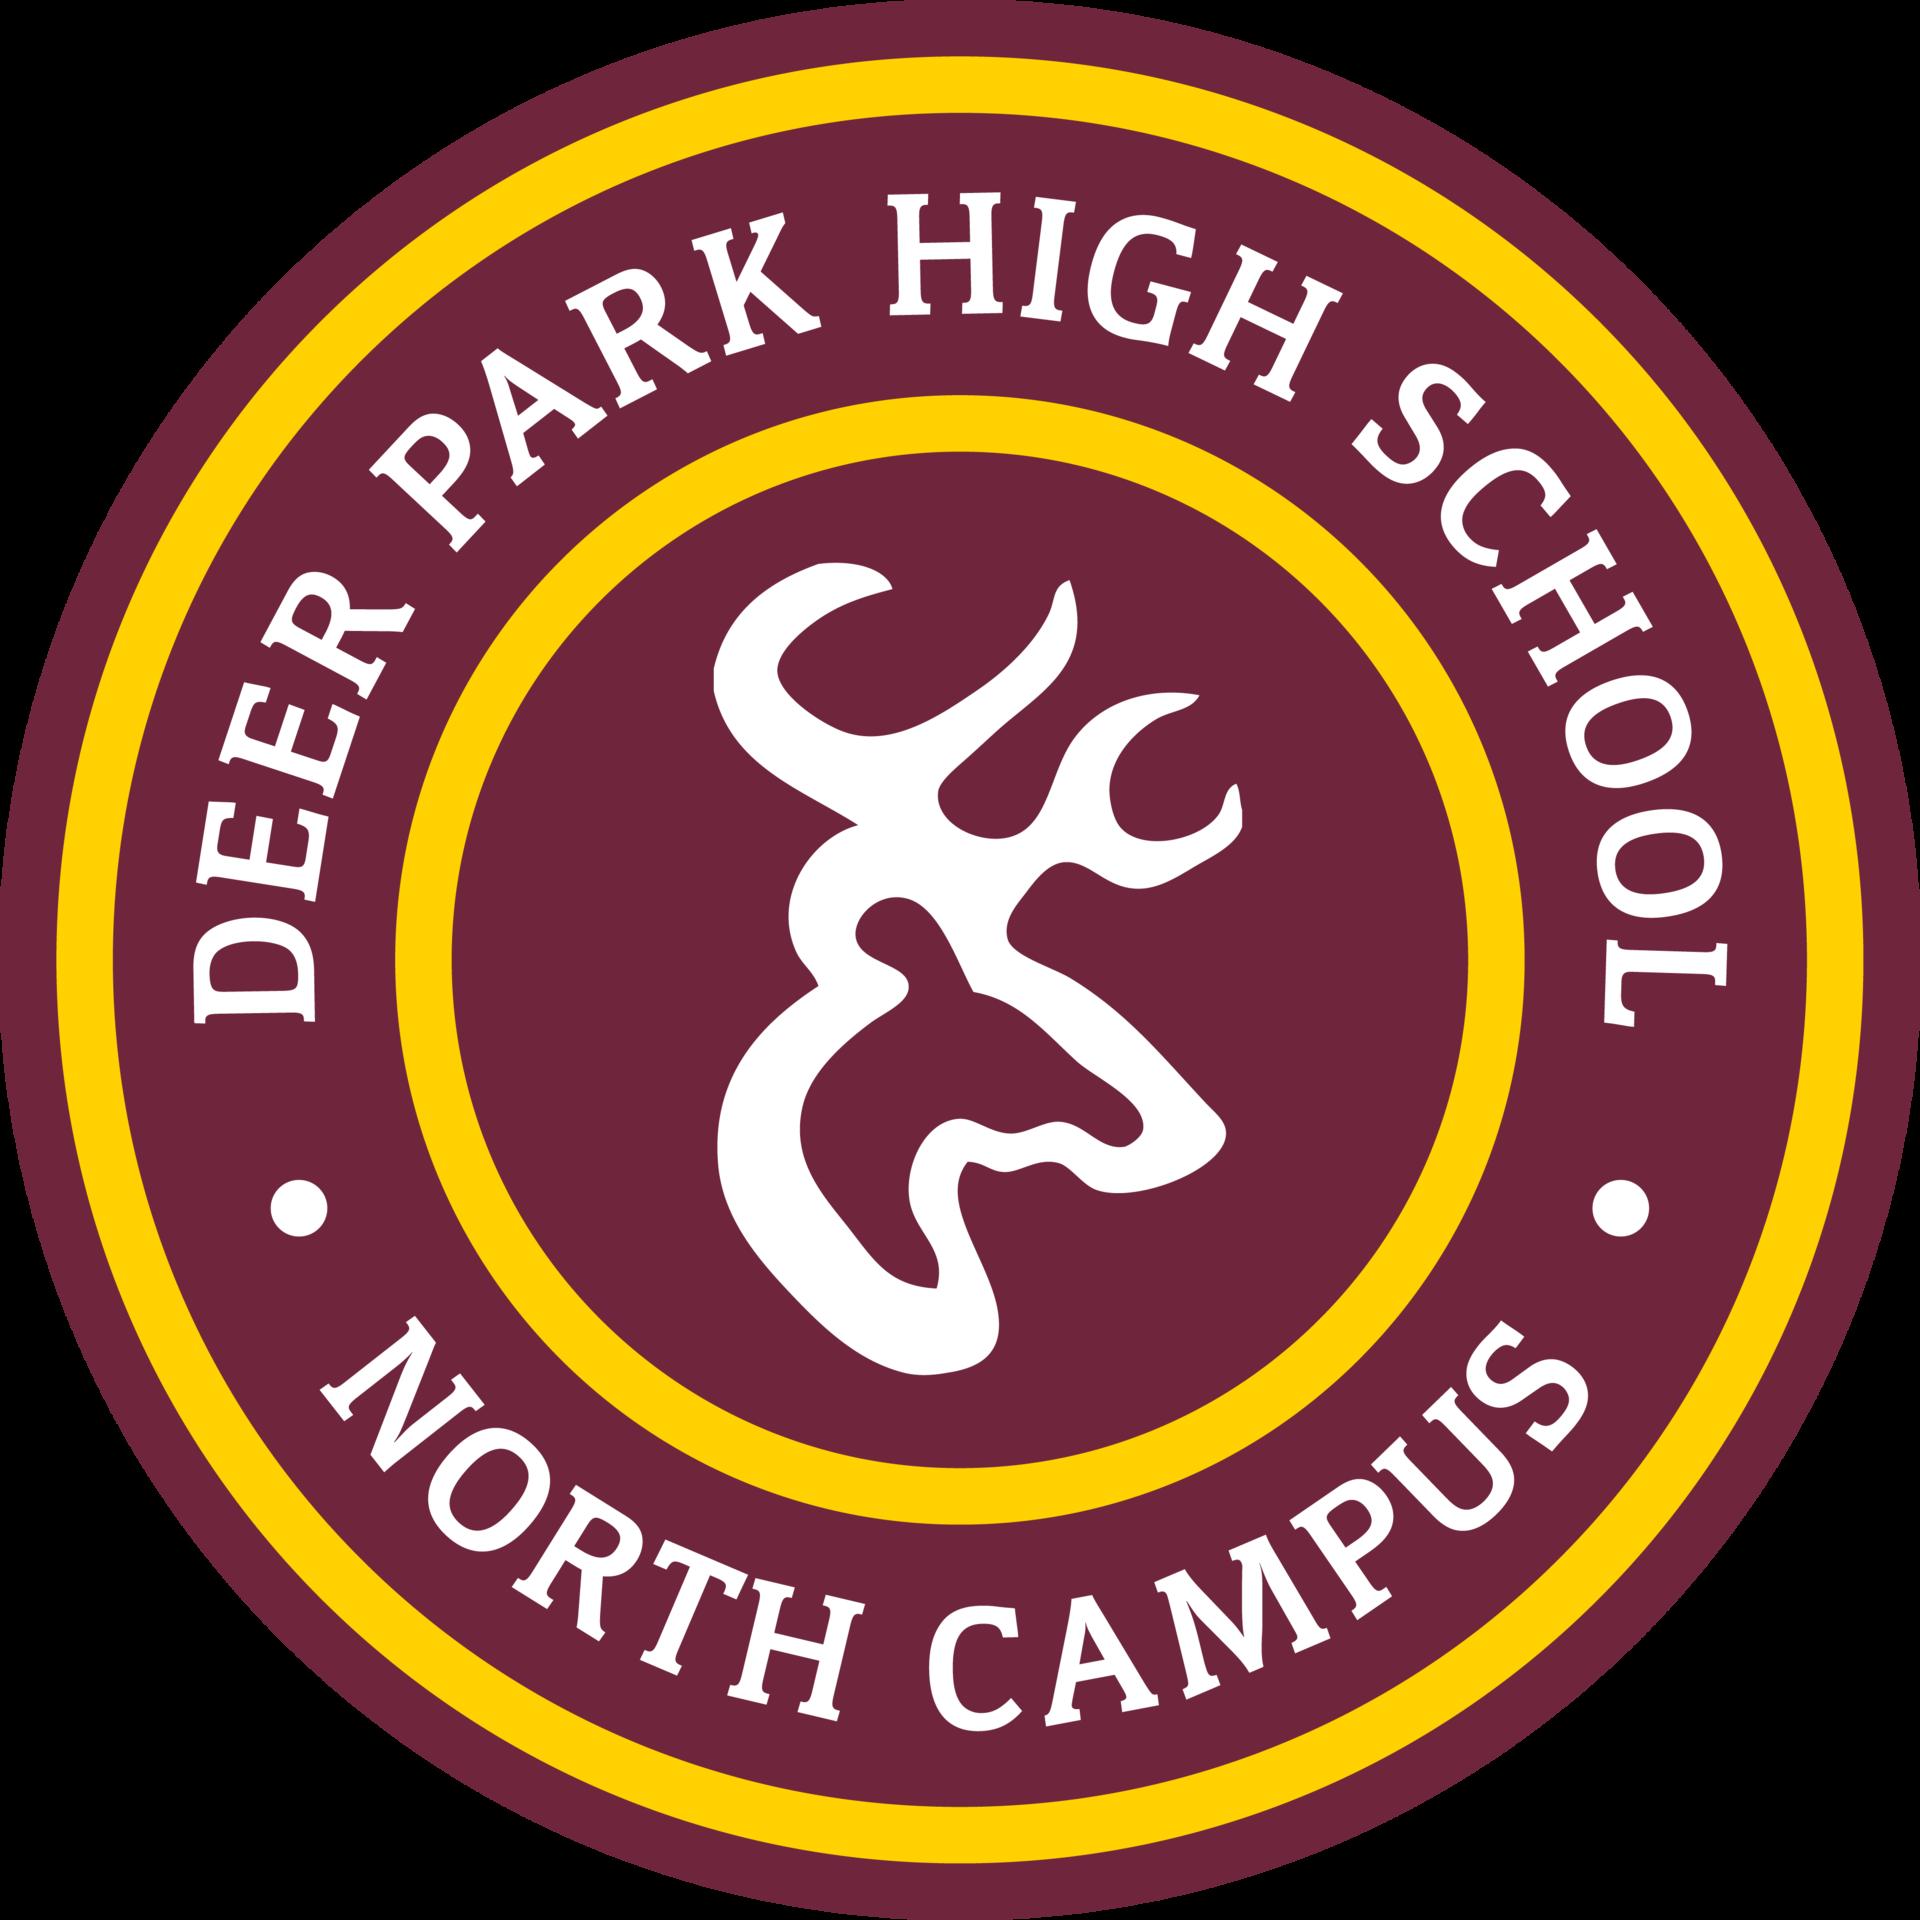 North Campus seal